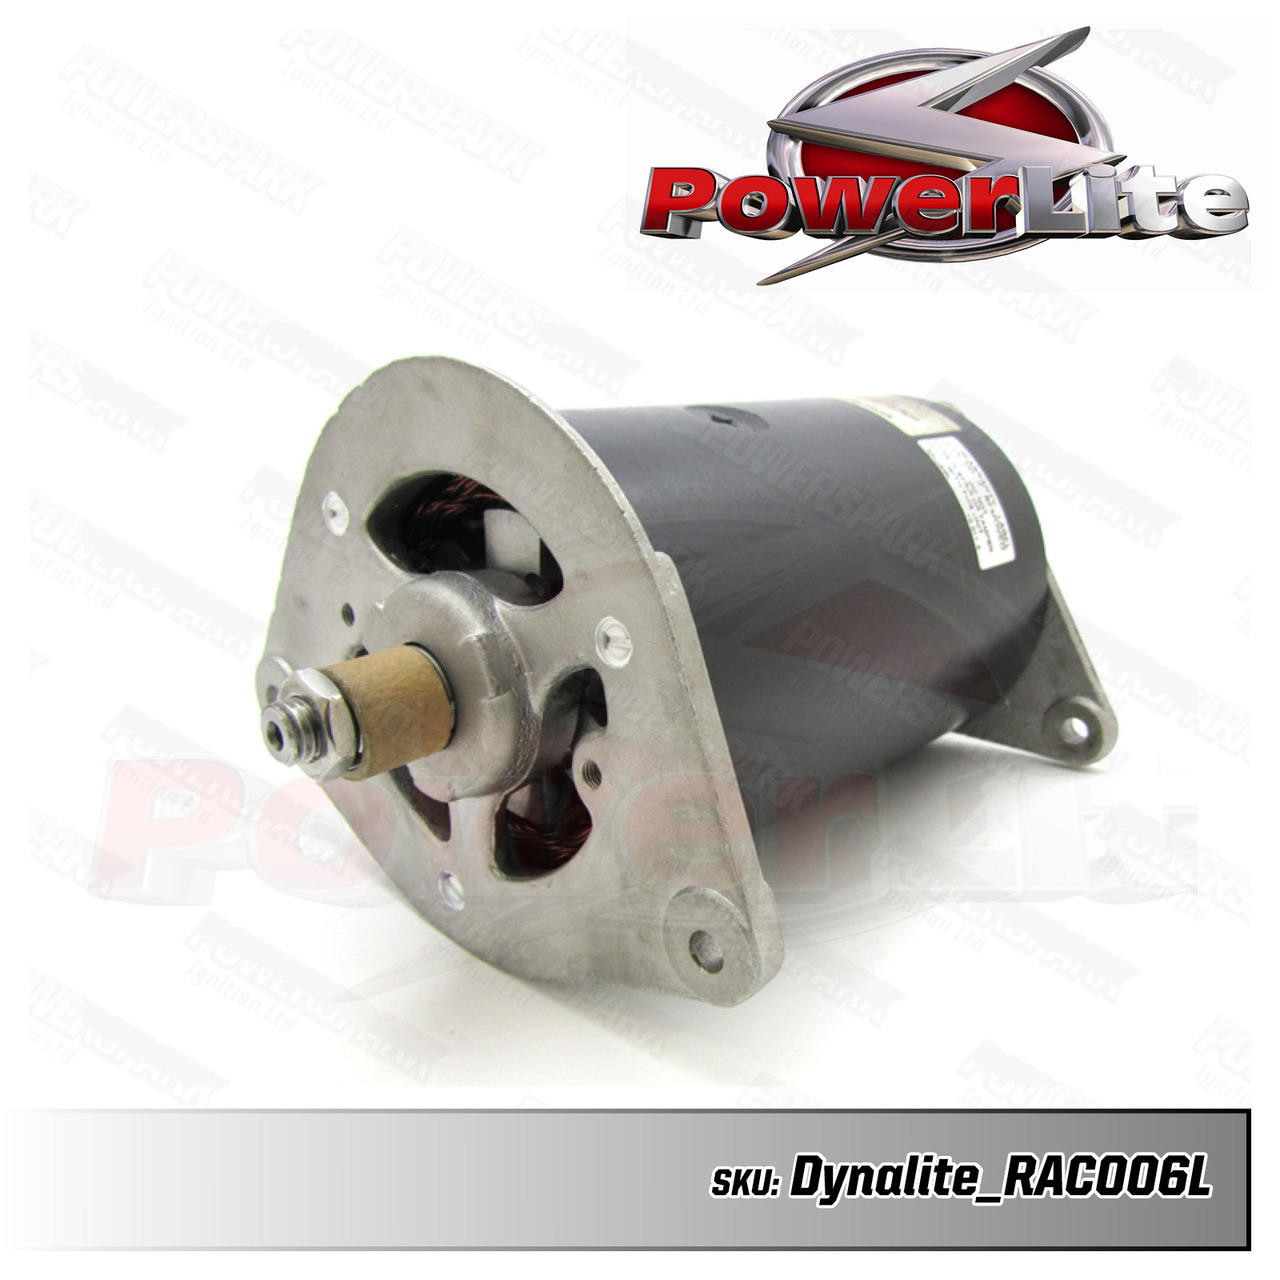 Dynalite Dynalite Dynamo to Alternator Conversion replaces Lucas C40 Long Dynamo - Neg Earth